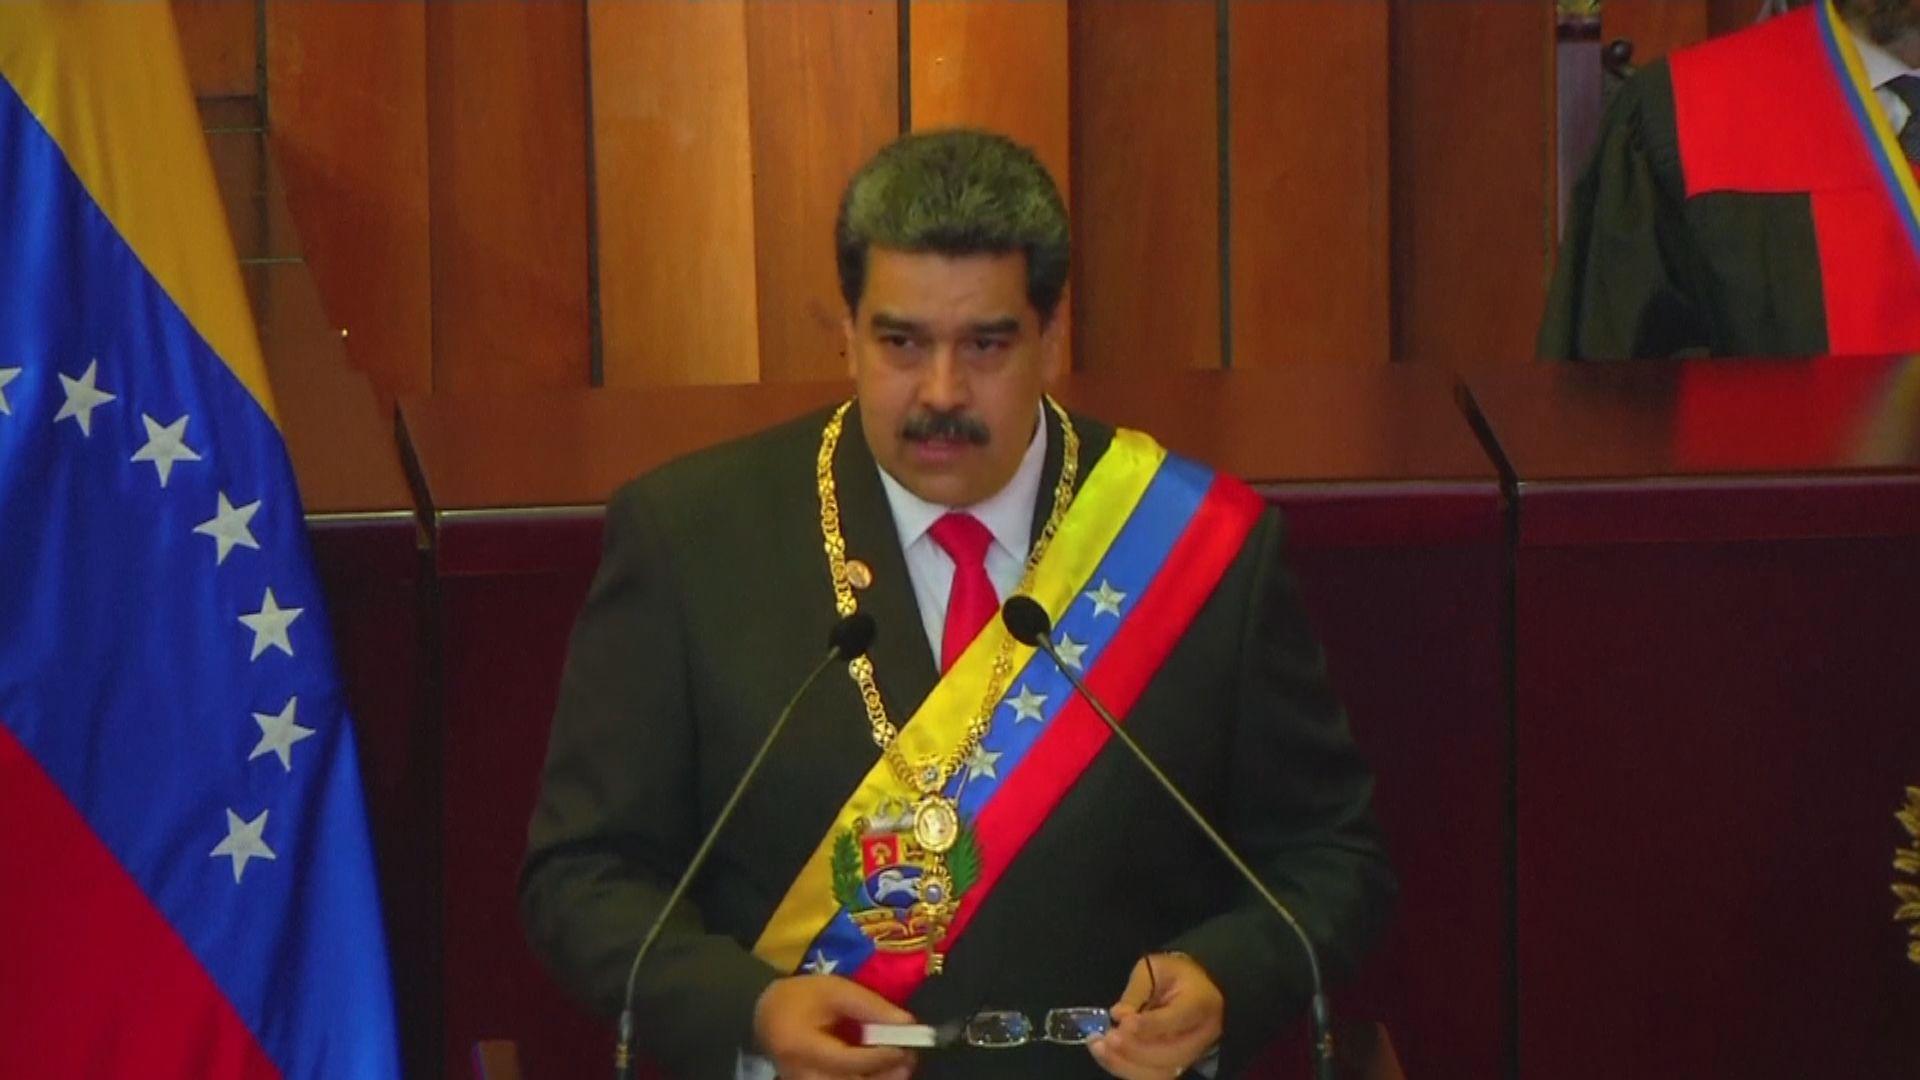 美加和多個拉美國家拒絕承認馬杜羅政權